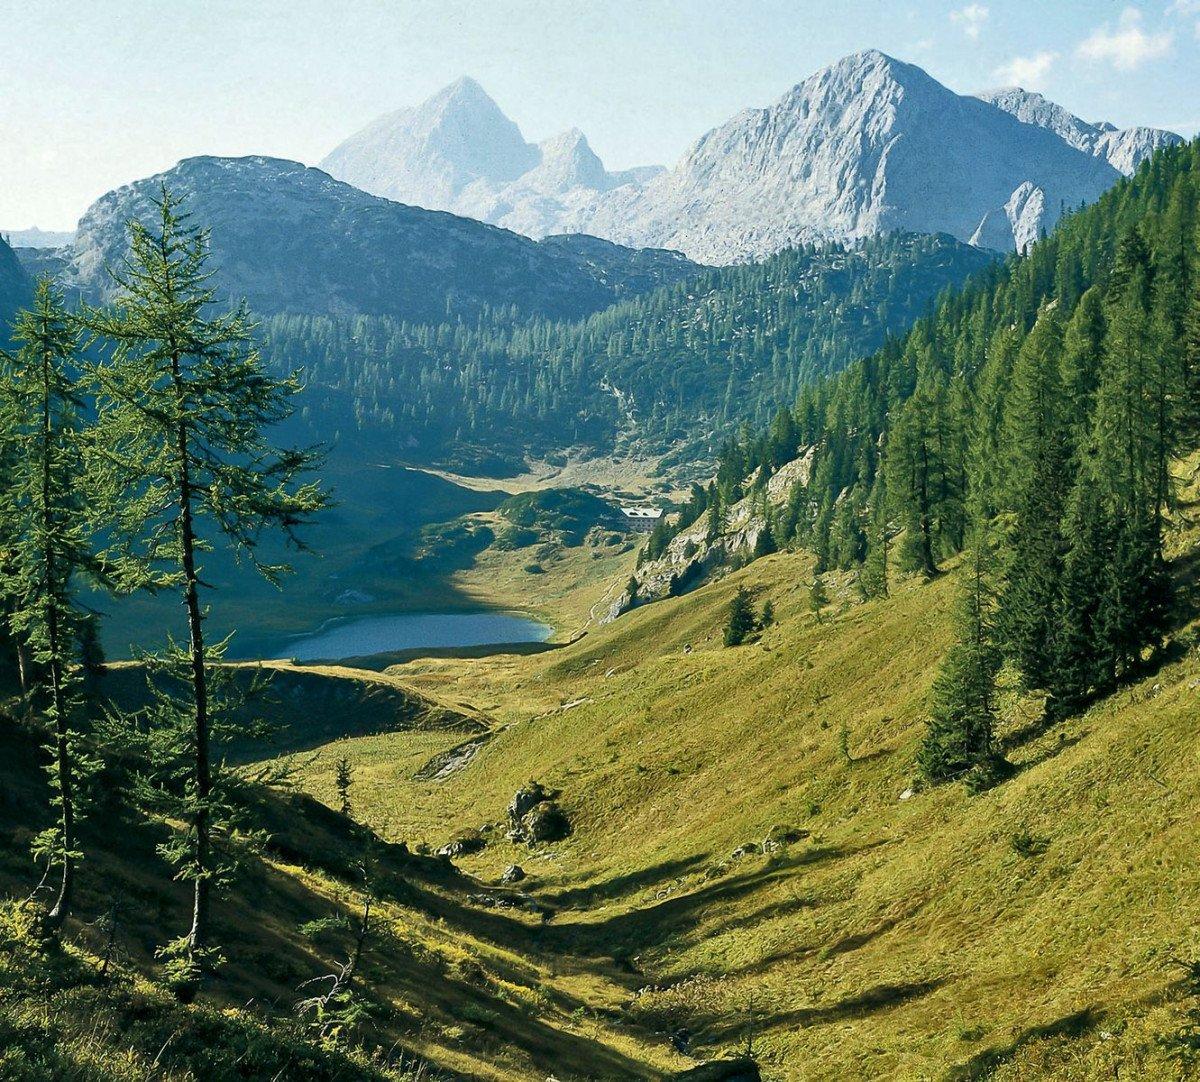 La Oficina de Turismo de Alemania centrará la promoción de 2016 en la naturaleza como principal motivación de las vacaciones.